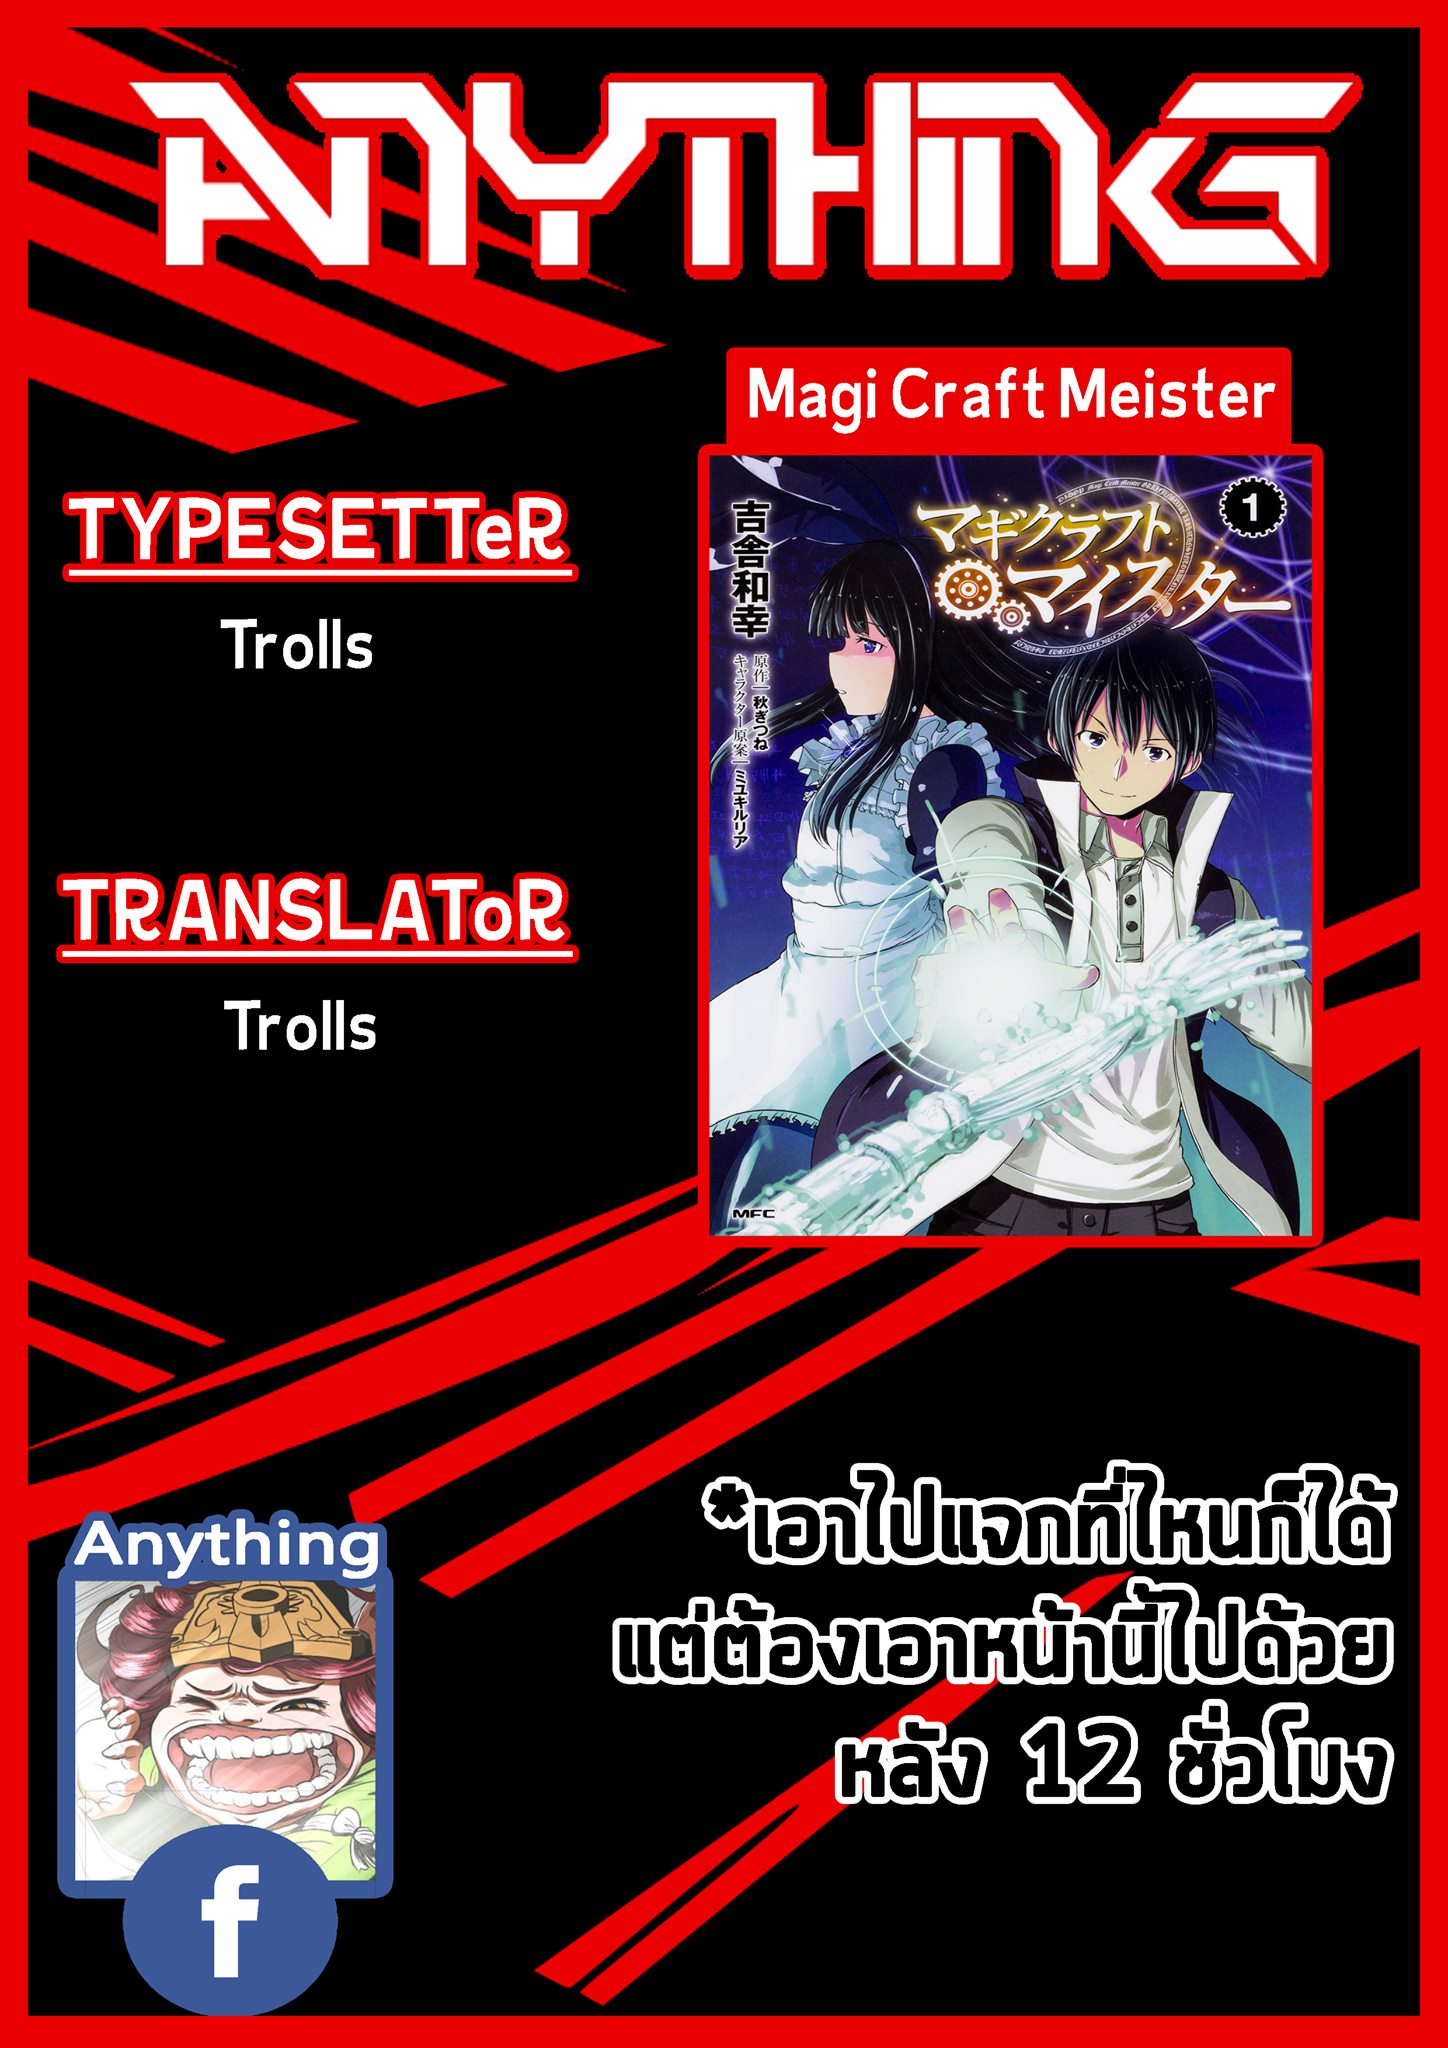 อ่านการ์ตูน Magi Craft Meister ตอนที่ 9 หน้าที่ 38